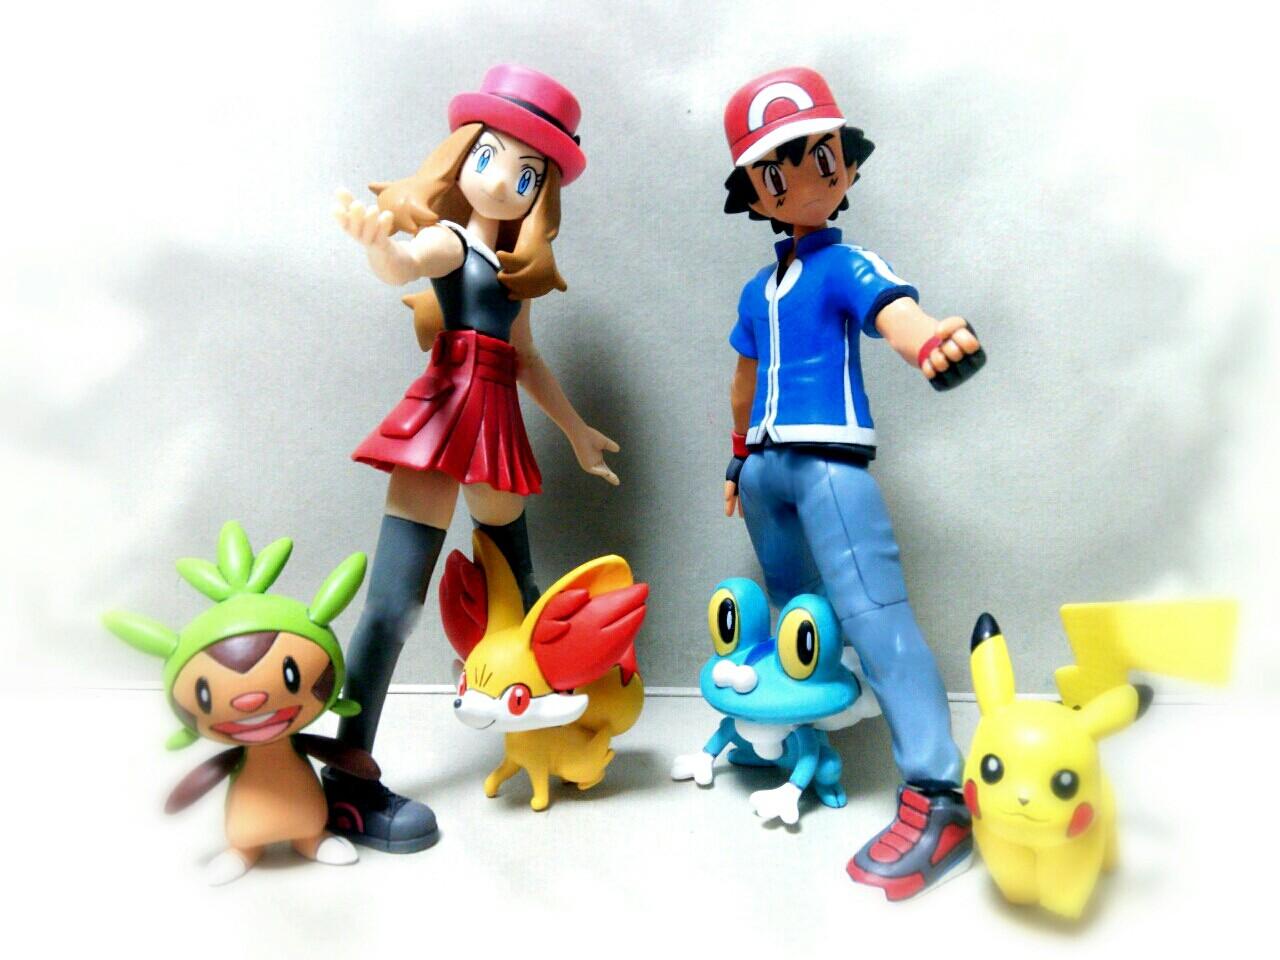 ポケモン : 勇者のおもちゃ屋さんブログ☆